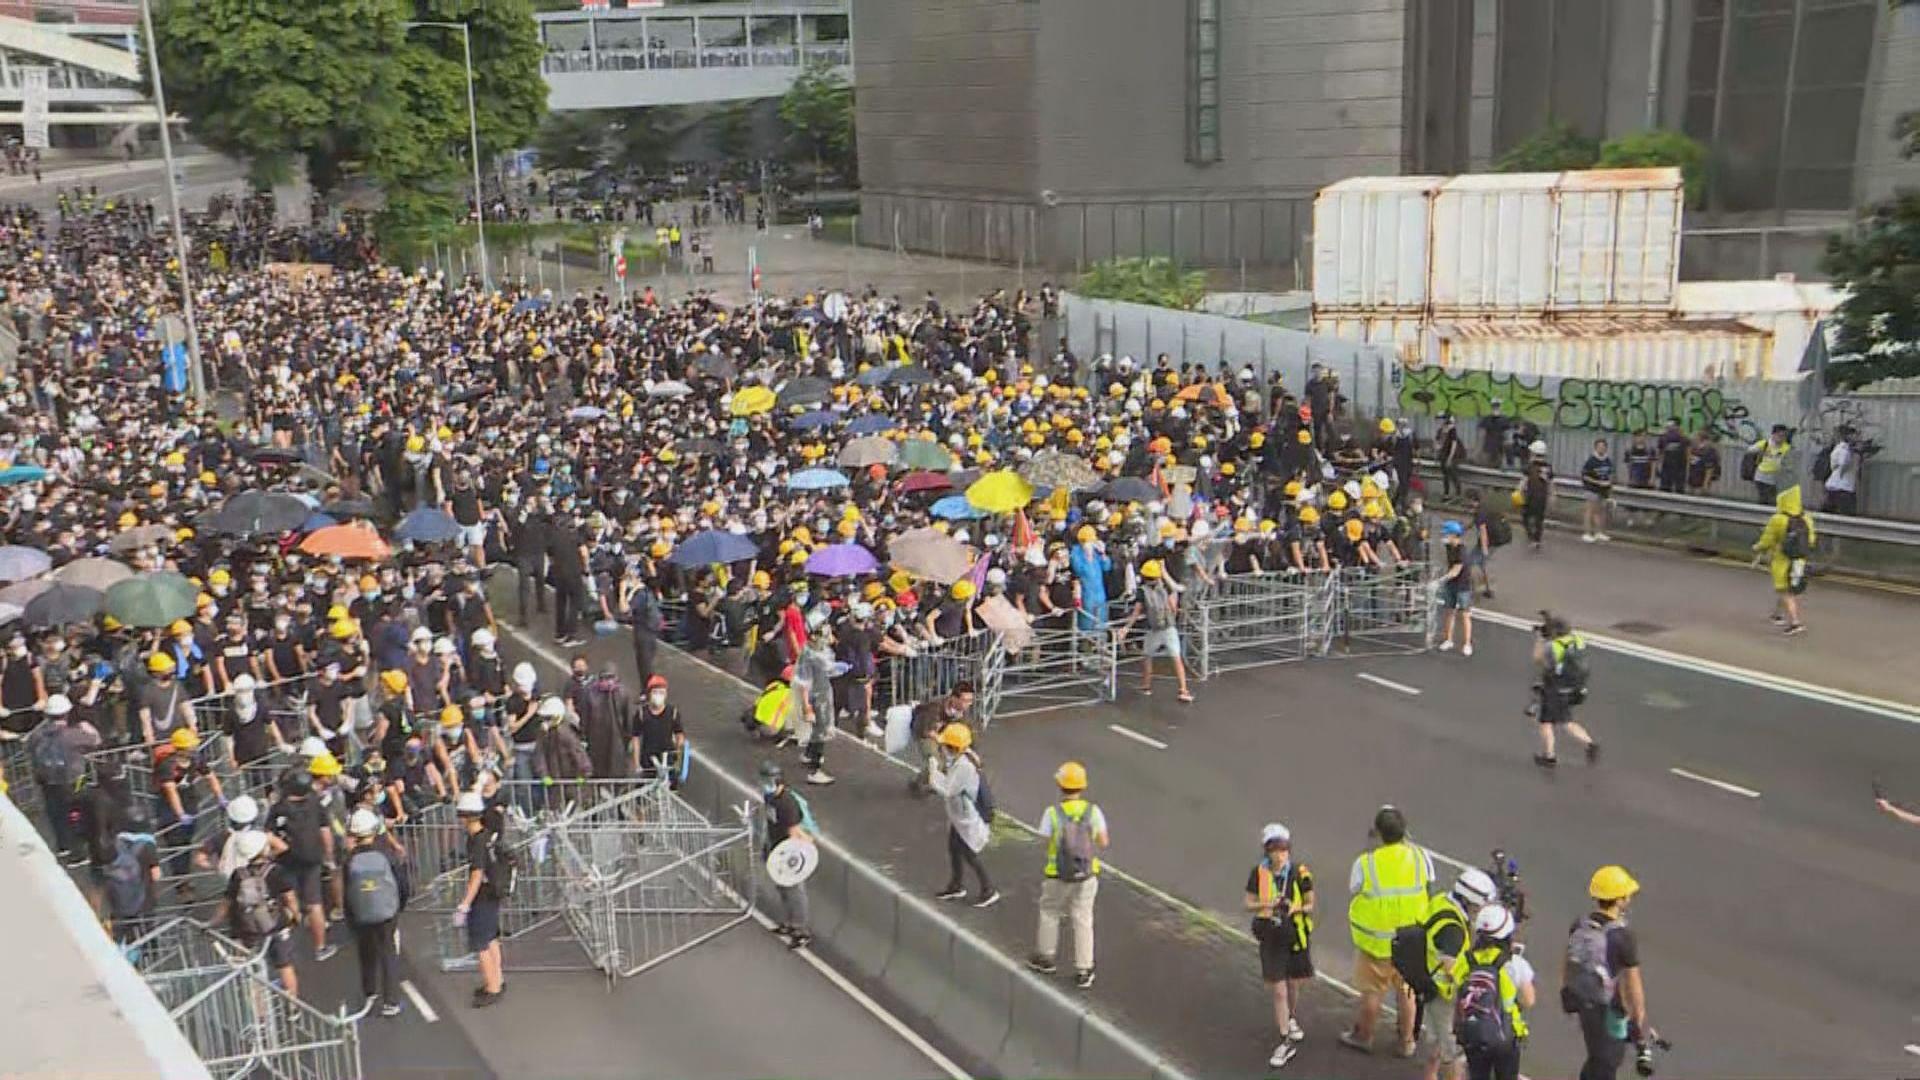 示威者堵塞夏愨道及龍和道 以鐵馬設路障